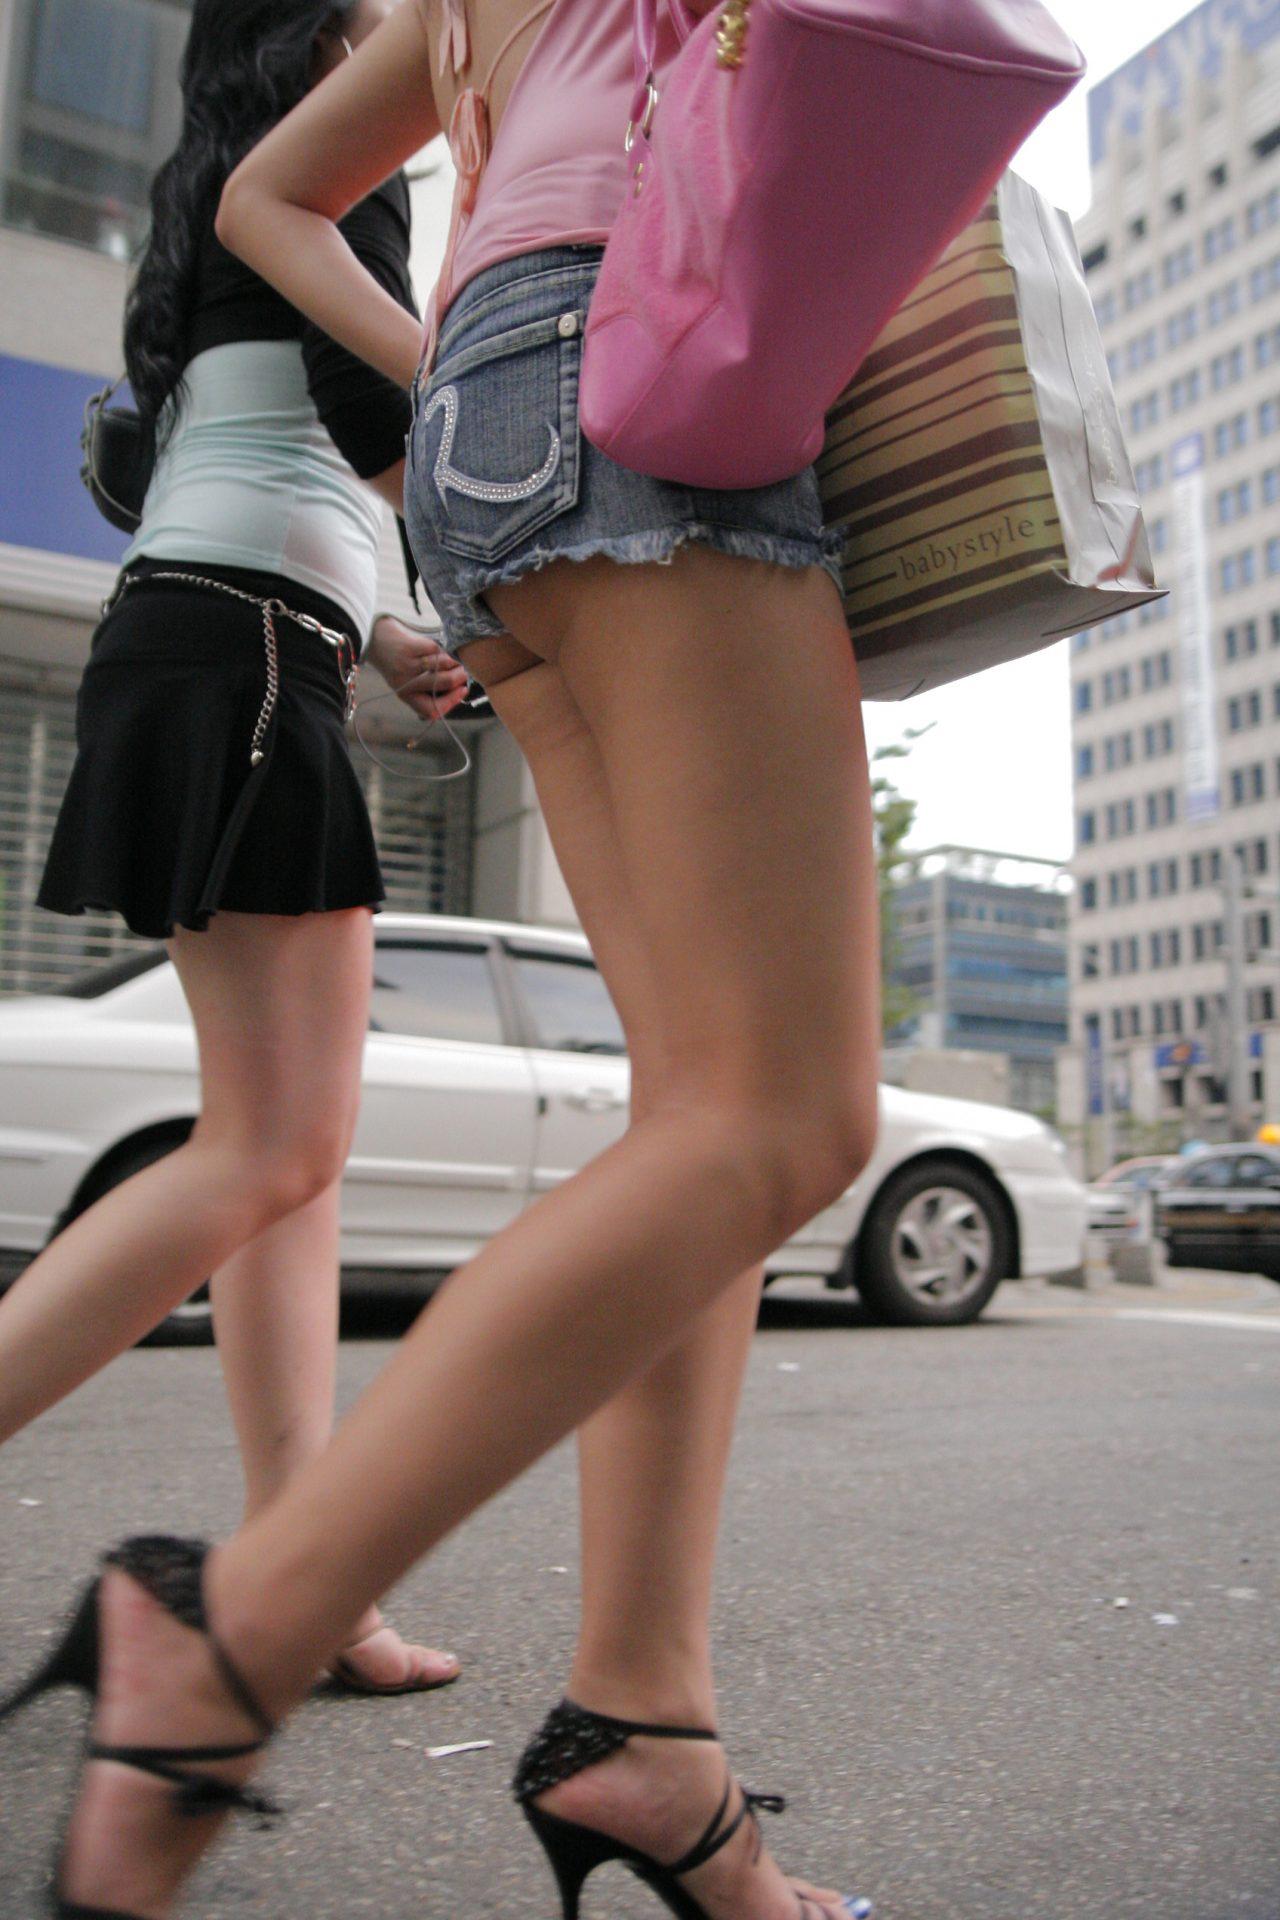 三次元 3次元 エロ画像 街撮り ホットパンツ べっぴん娘通信 29